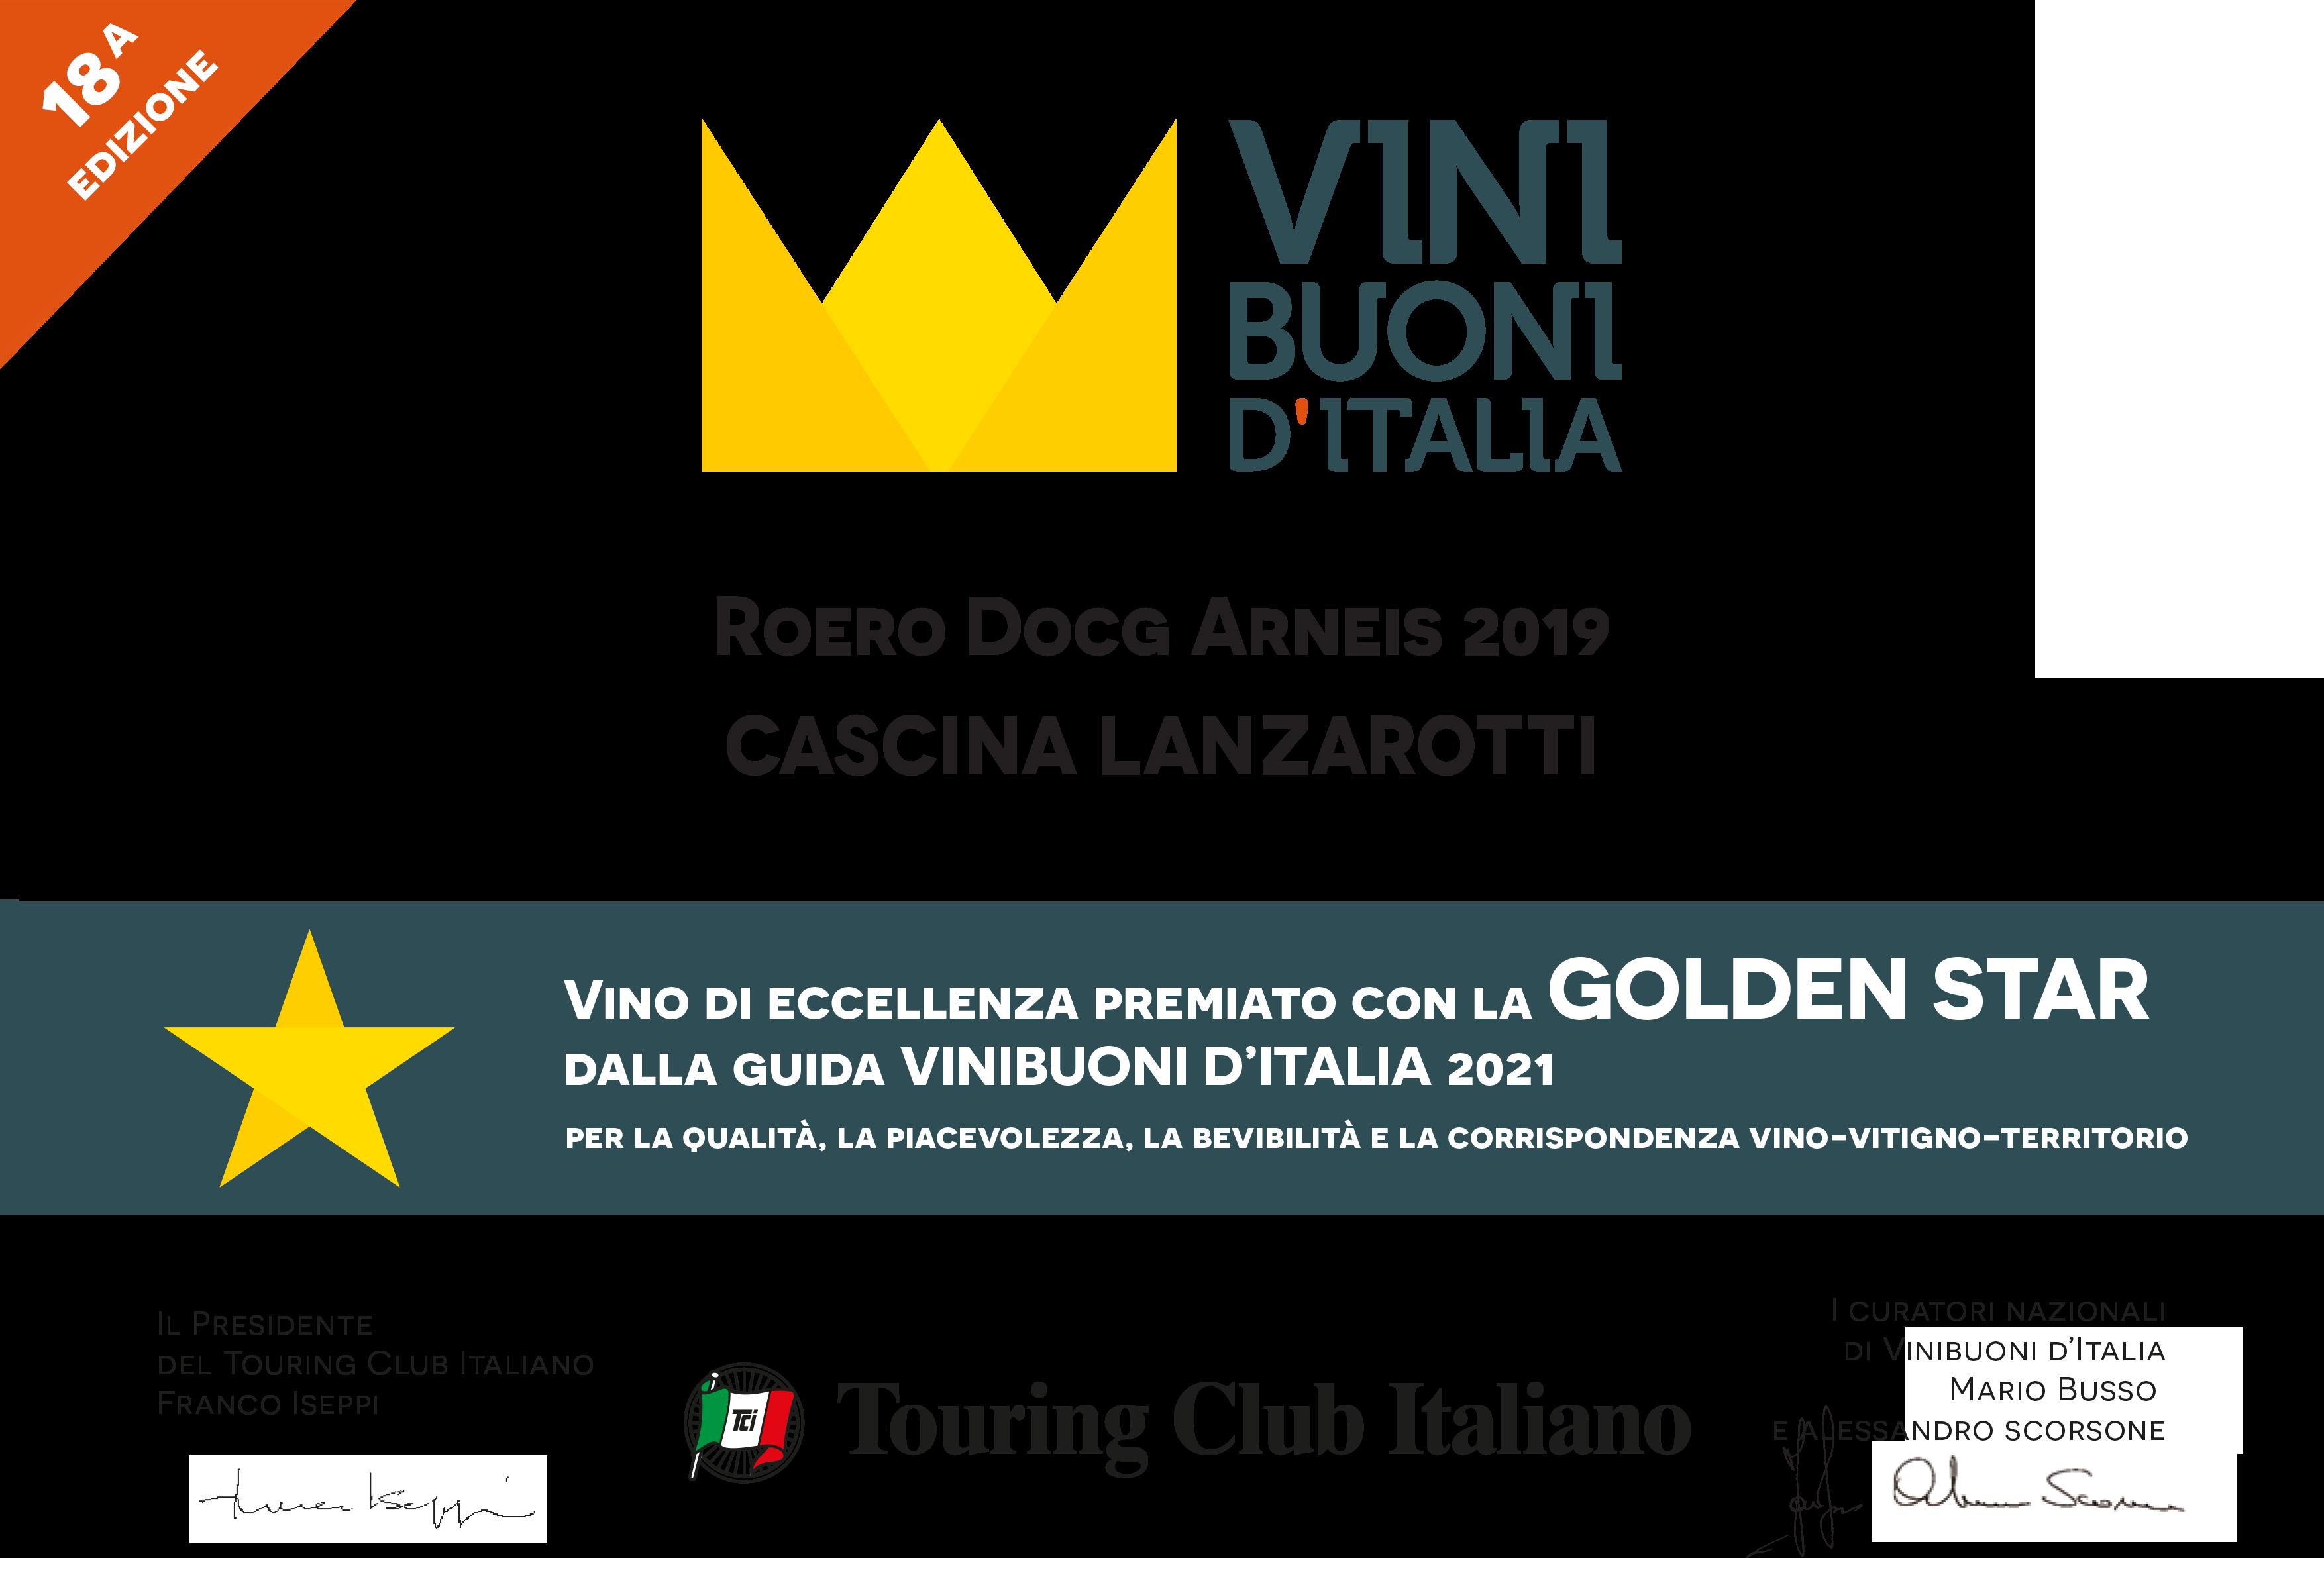 vini buoni italia 2021